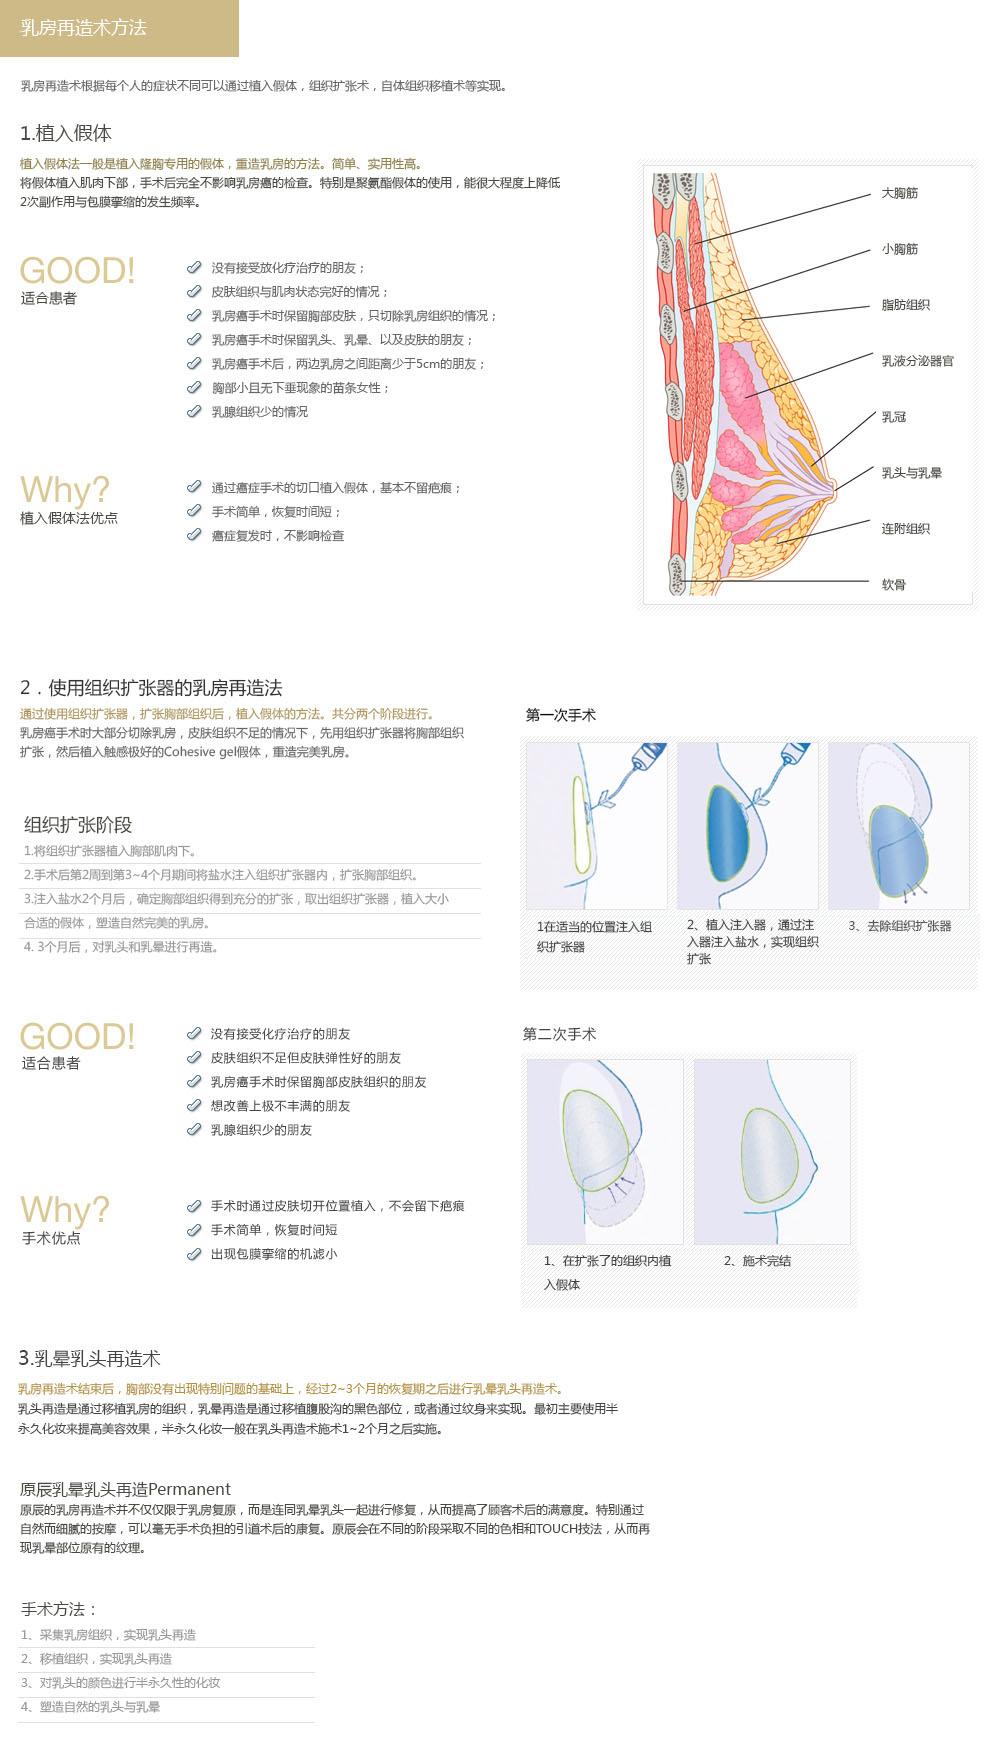 韩国乳房再造术的费用